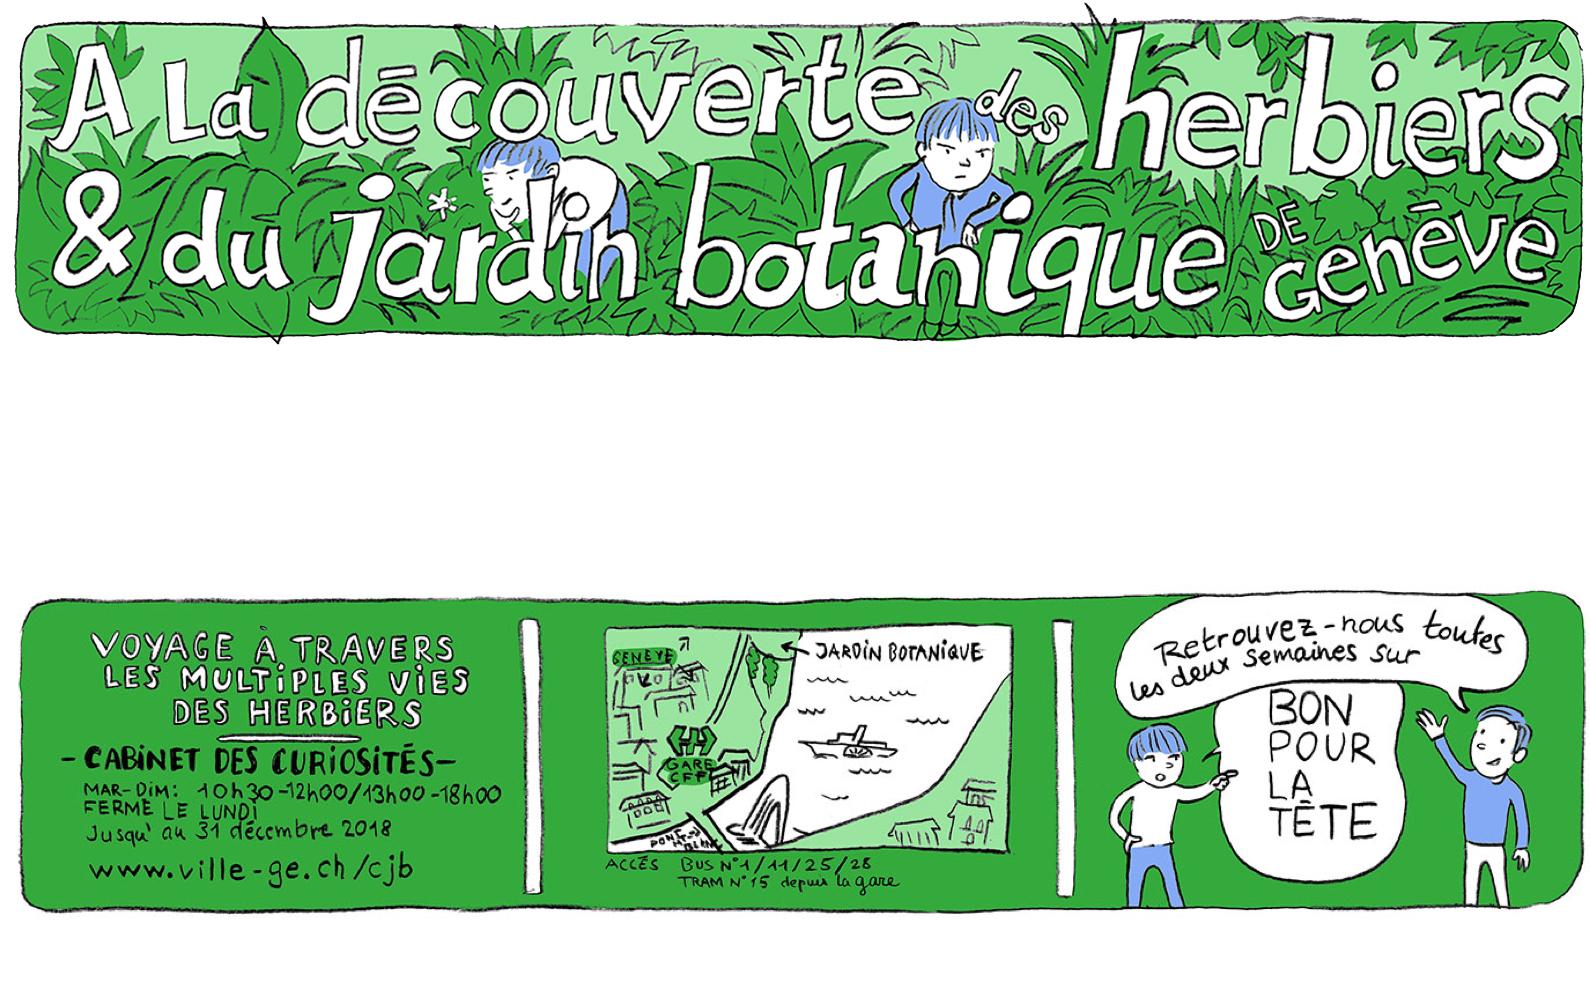 Au jardin botanique bon pour la t te for Bd du jardin botanique